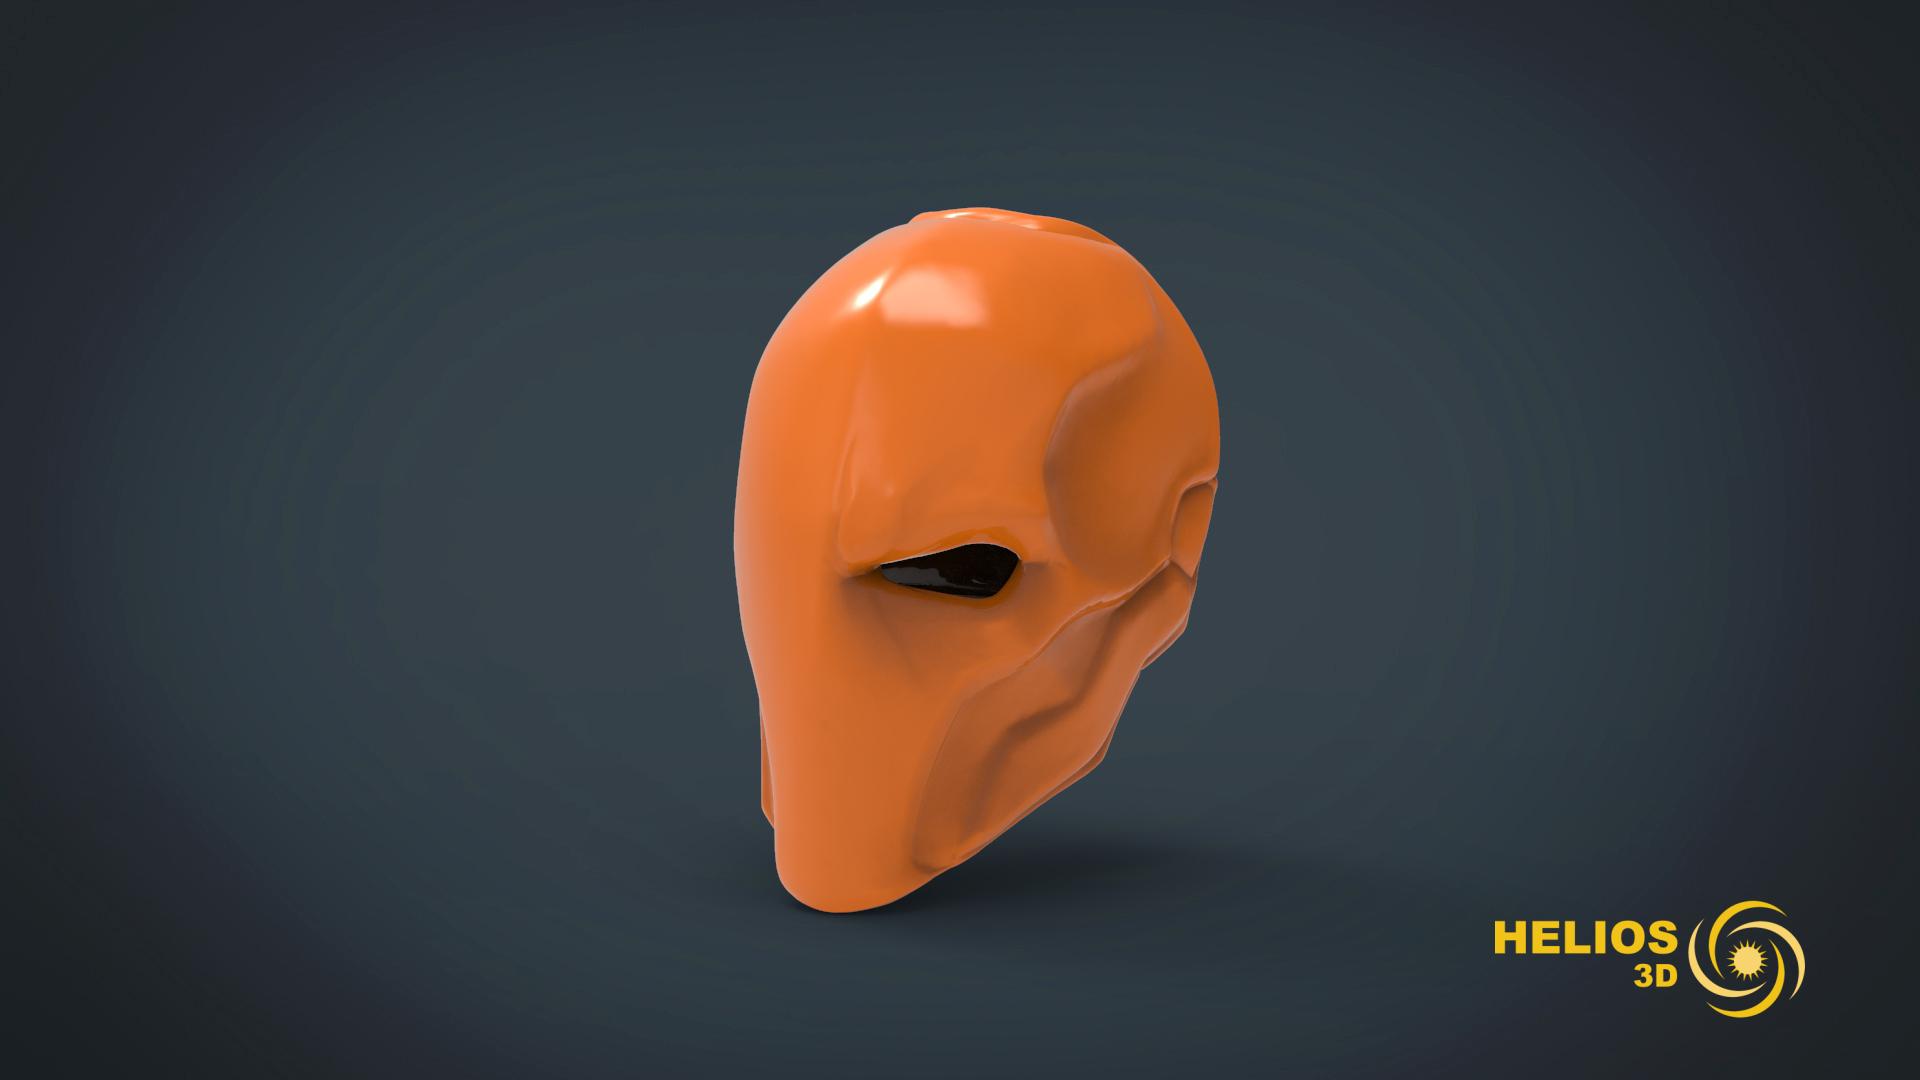 untitled.287.jpg Télécharger fichier STL gratuit Casque Deathstroke - portable grandeur nature • Objet pour imprimante 3D, Helios3D